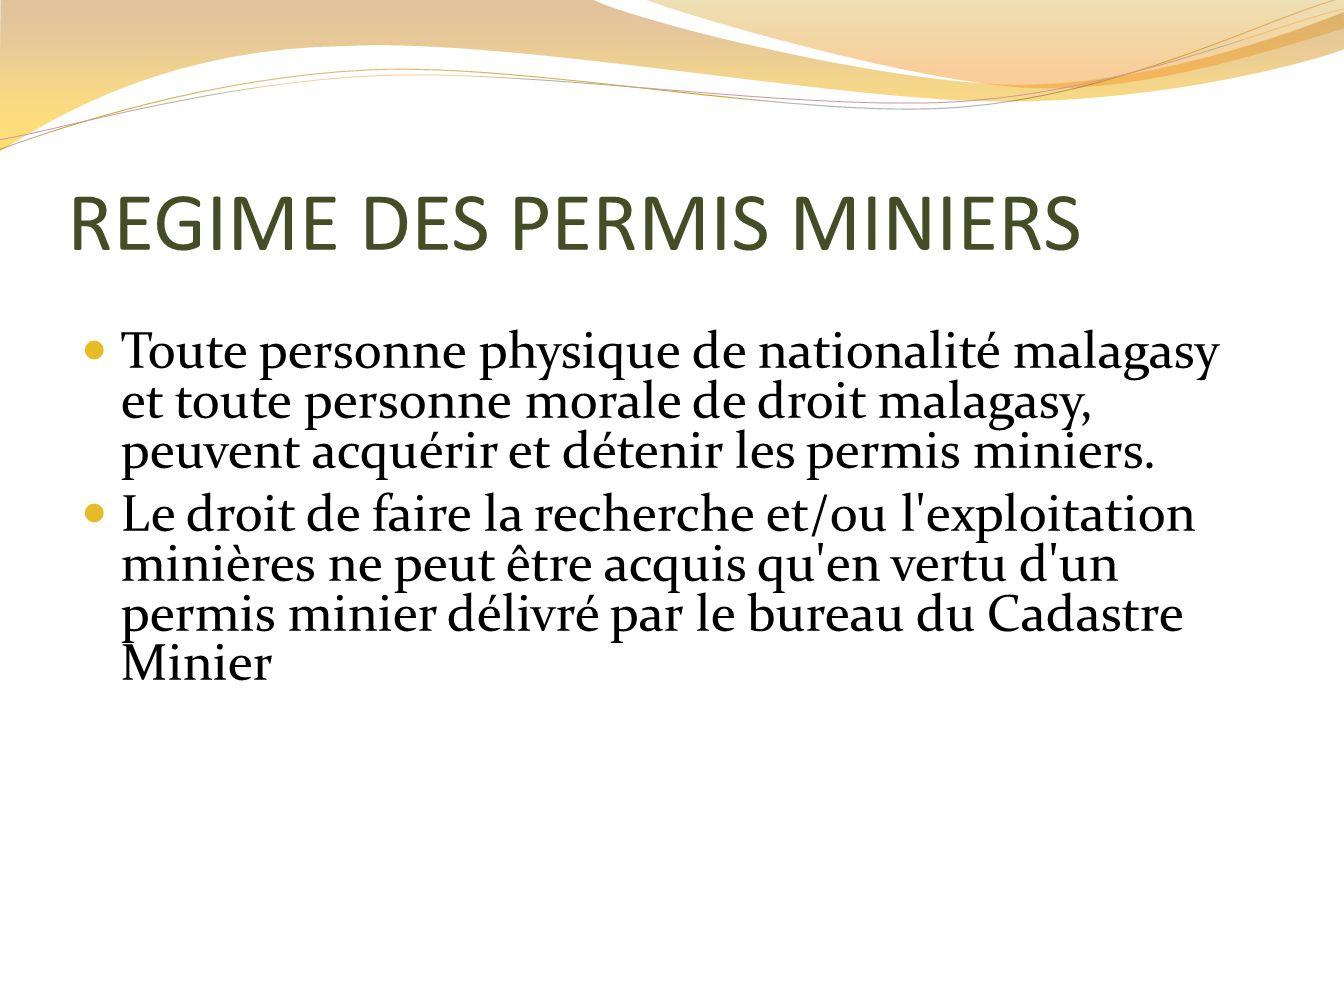 REGIME DES PERMIS MINIERS Toute personne physique de nationalité malagasy et toute personne morale de droit malagasy, peuvent acquérir et détenir les